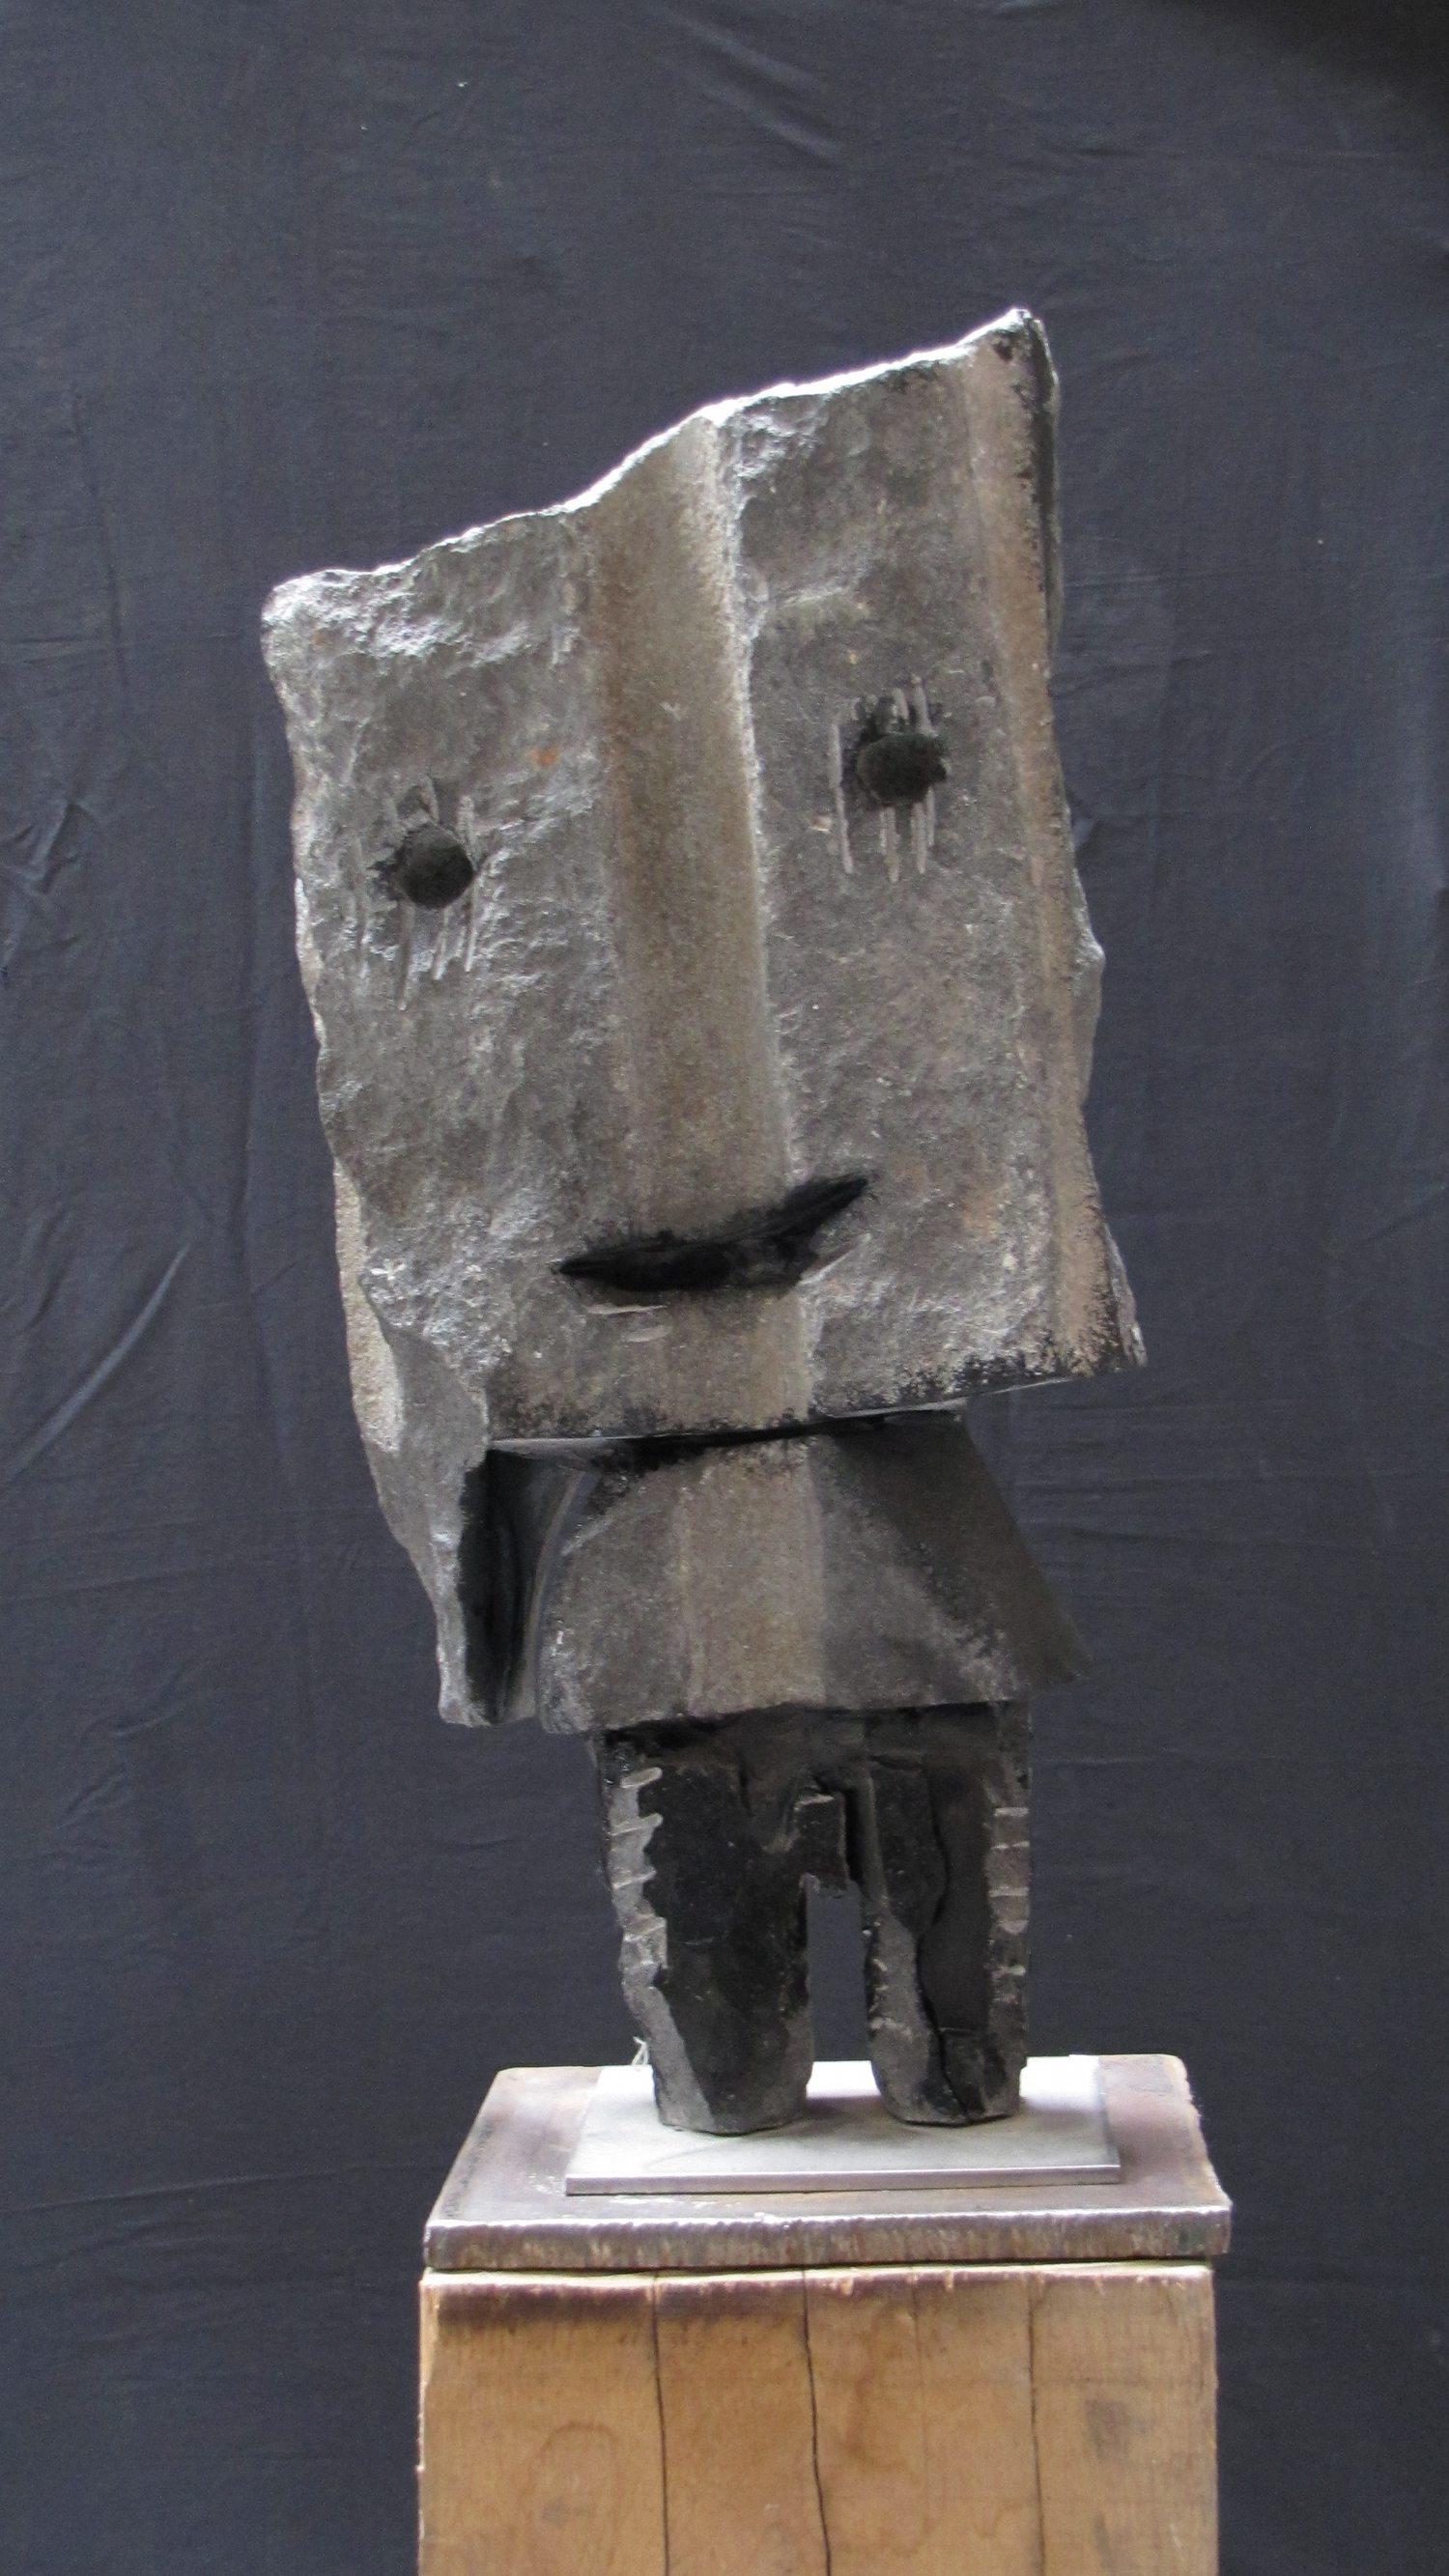 L'amicale des pierreux, granit (49 cm)